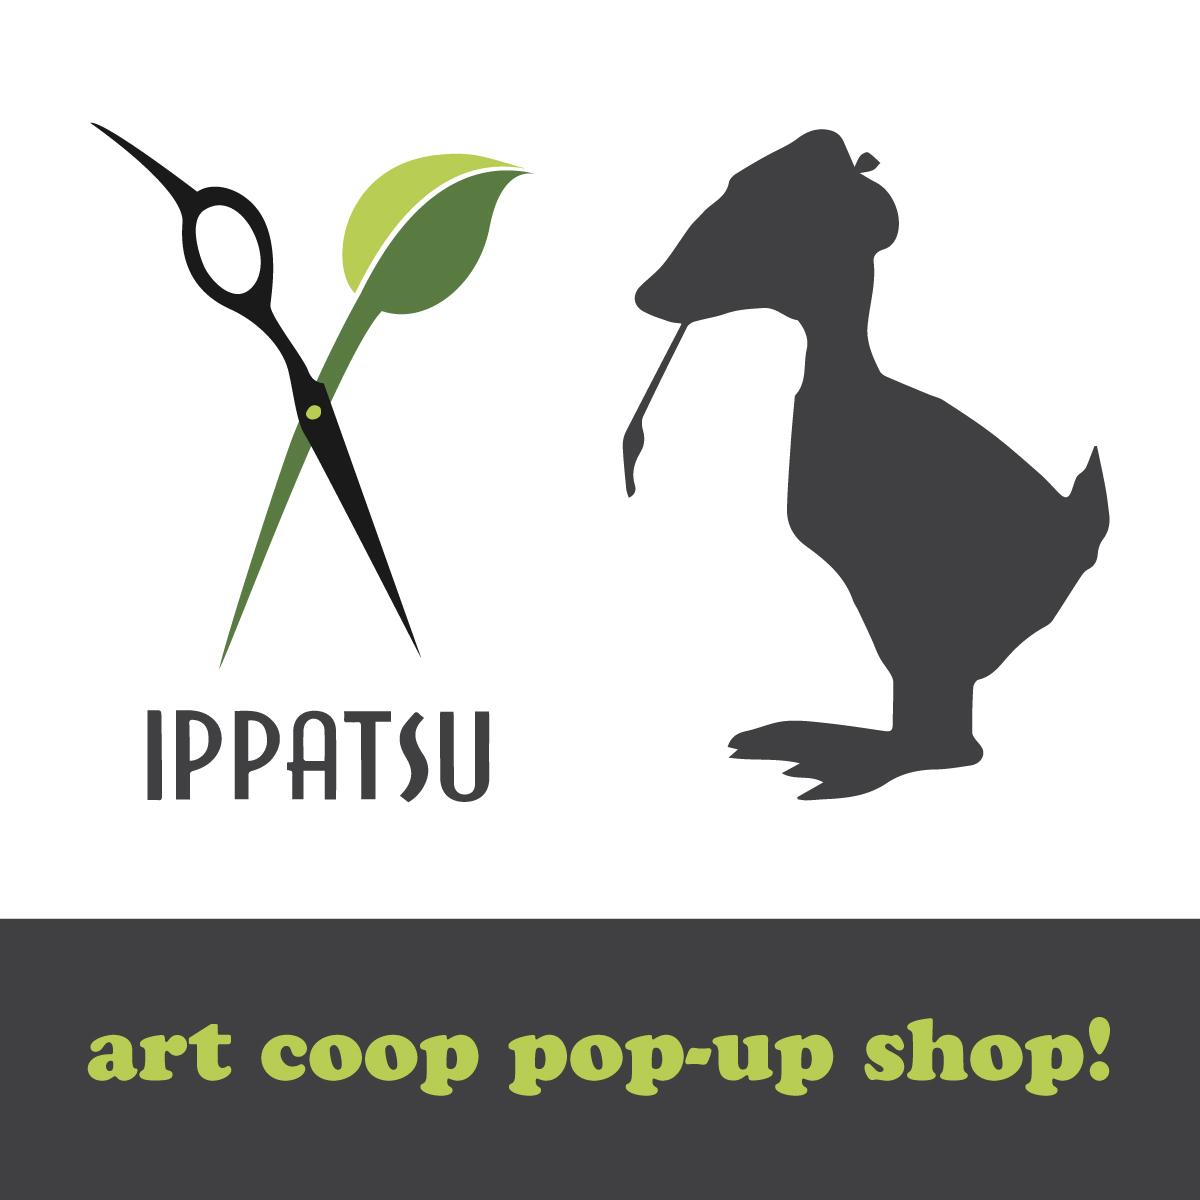 Ippatsu Pop-Up Shop Kit #1